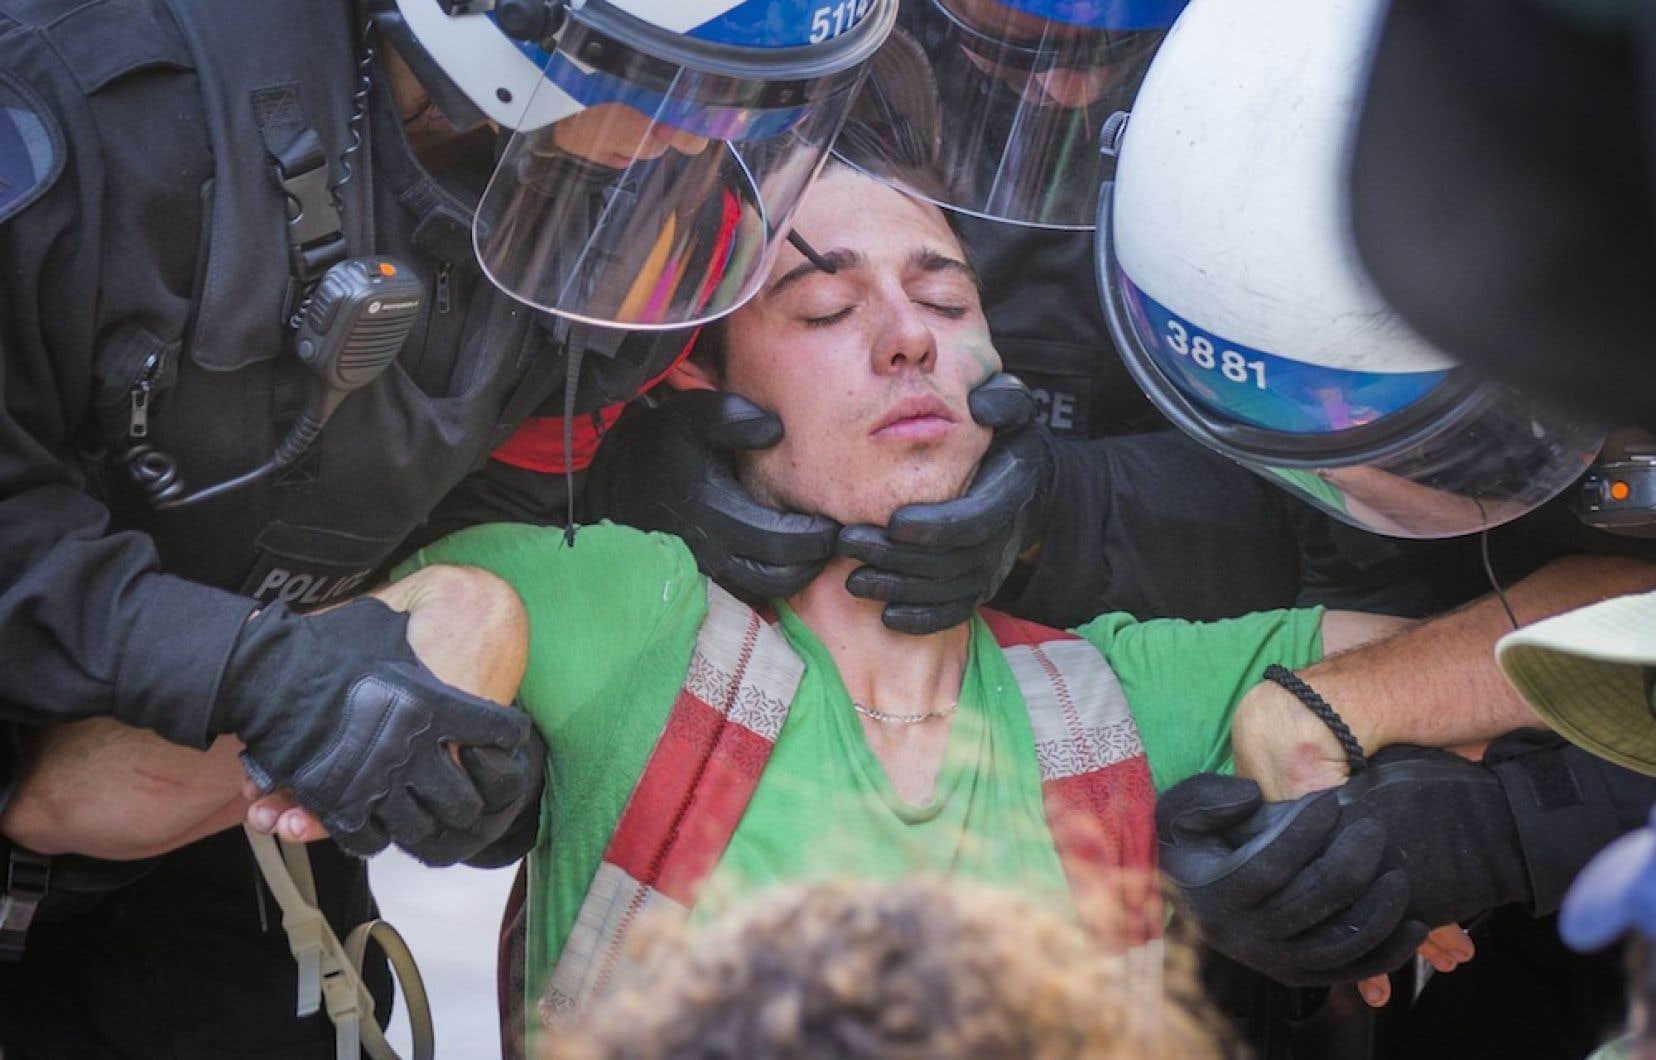 Une vingtaine de manifestants du mouvement Extinction Rébellion ont été placés en état d'arrestation après avoir refusé de quitter la rue.